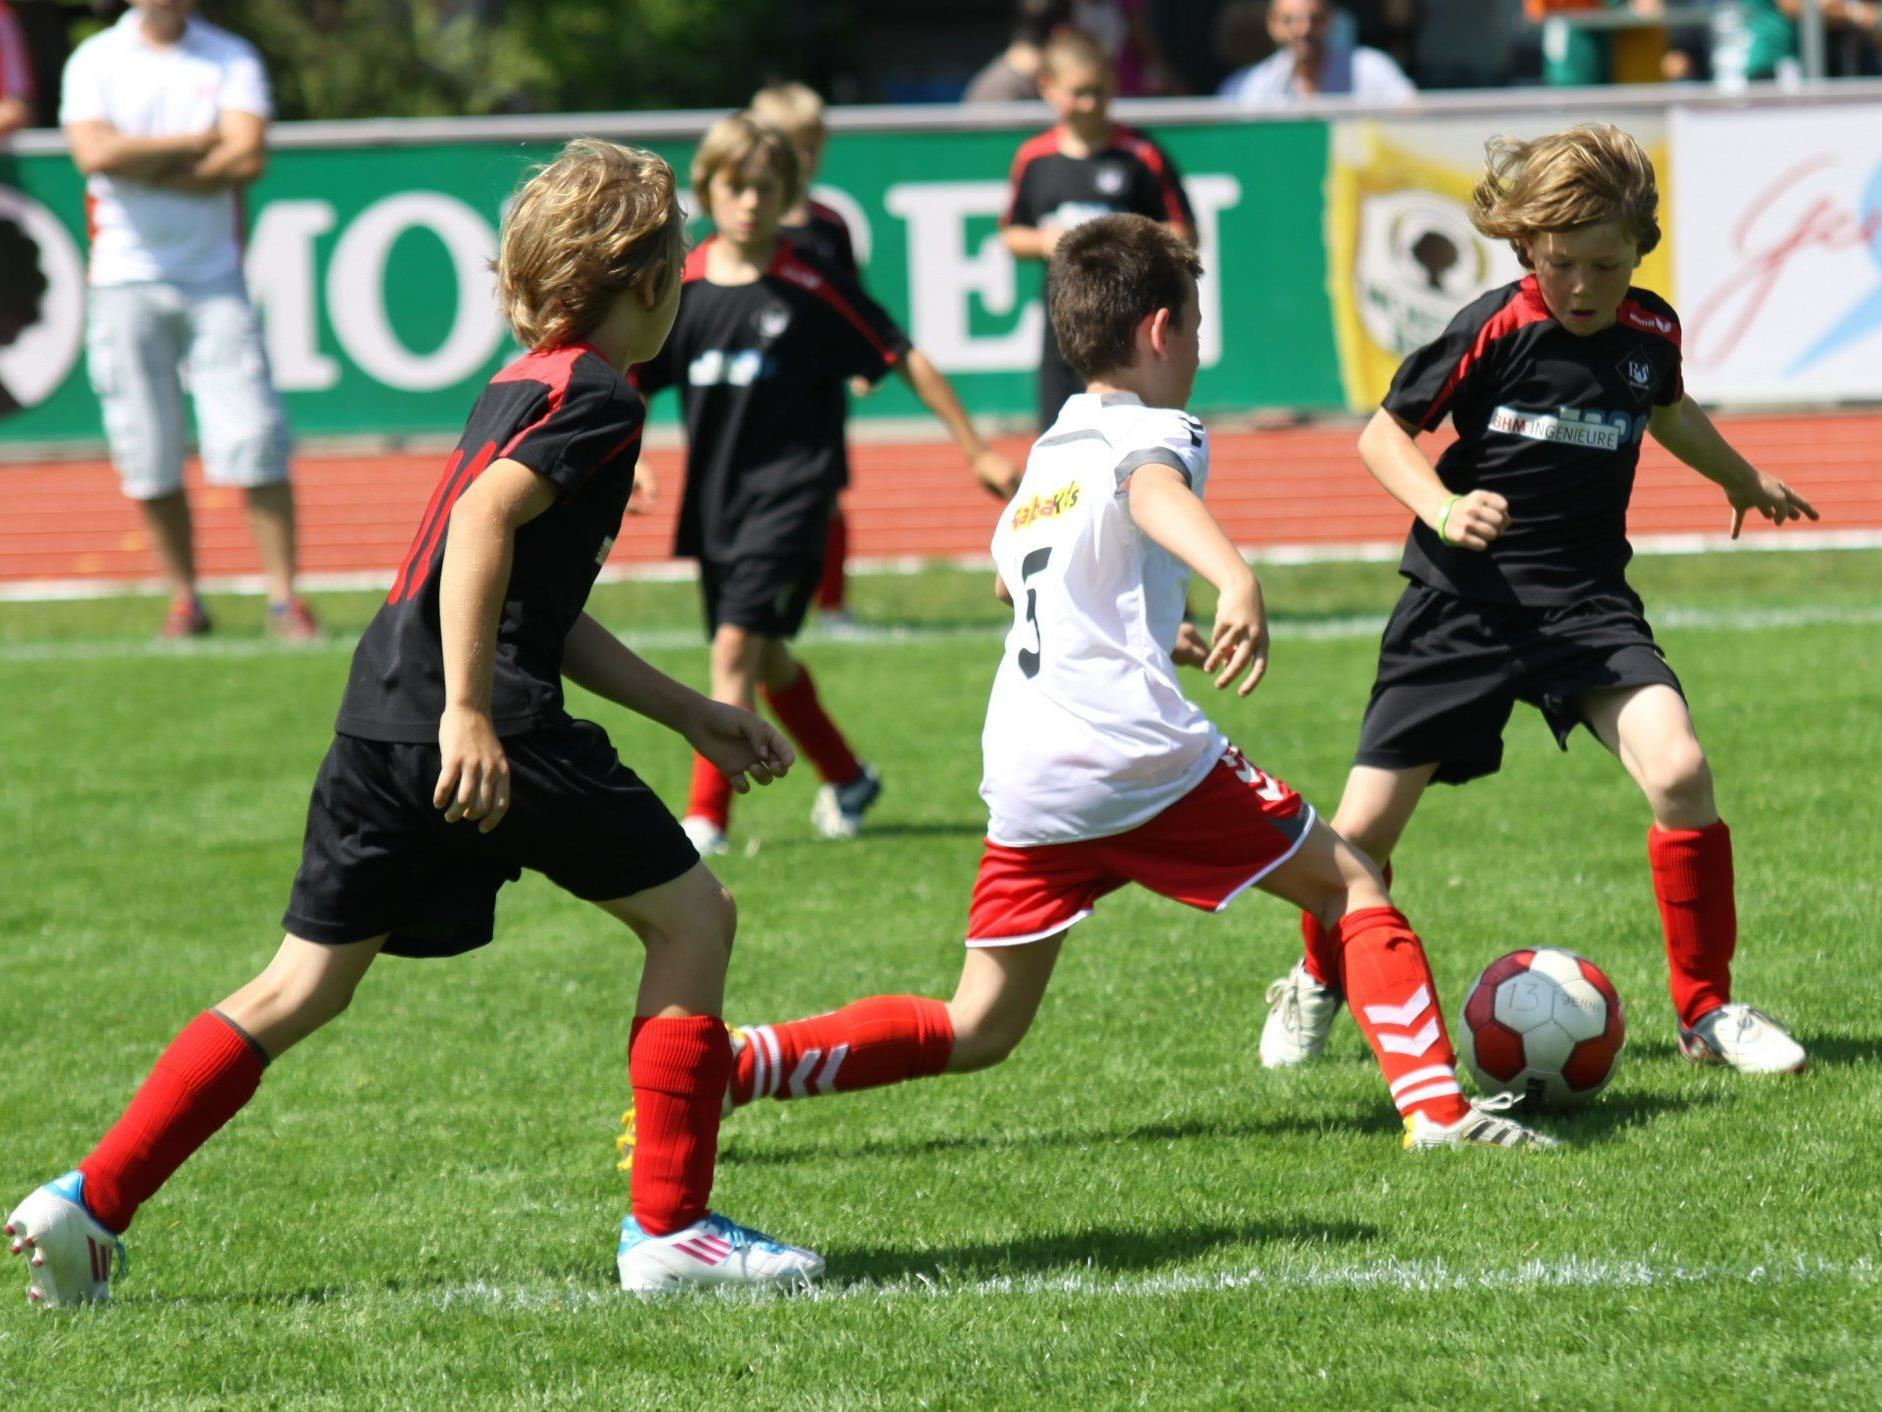 Drei Vorarlberger Fußballvereine wurden zur Kassa gebeten.